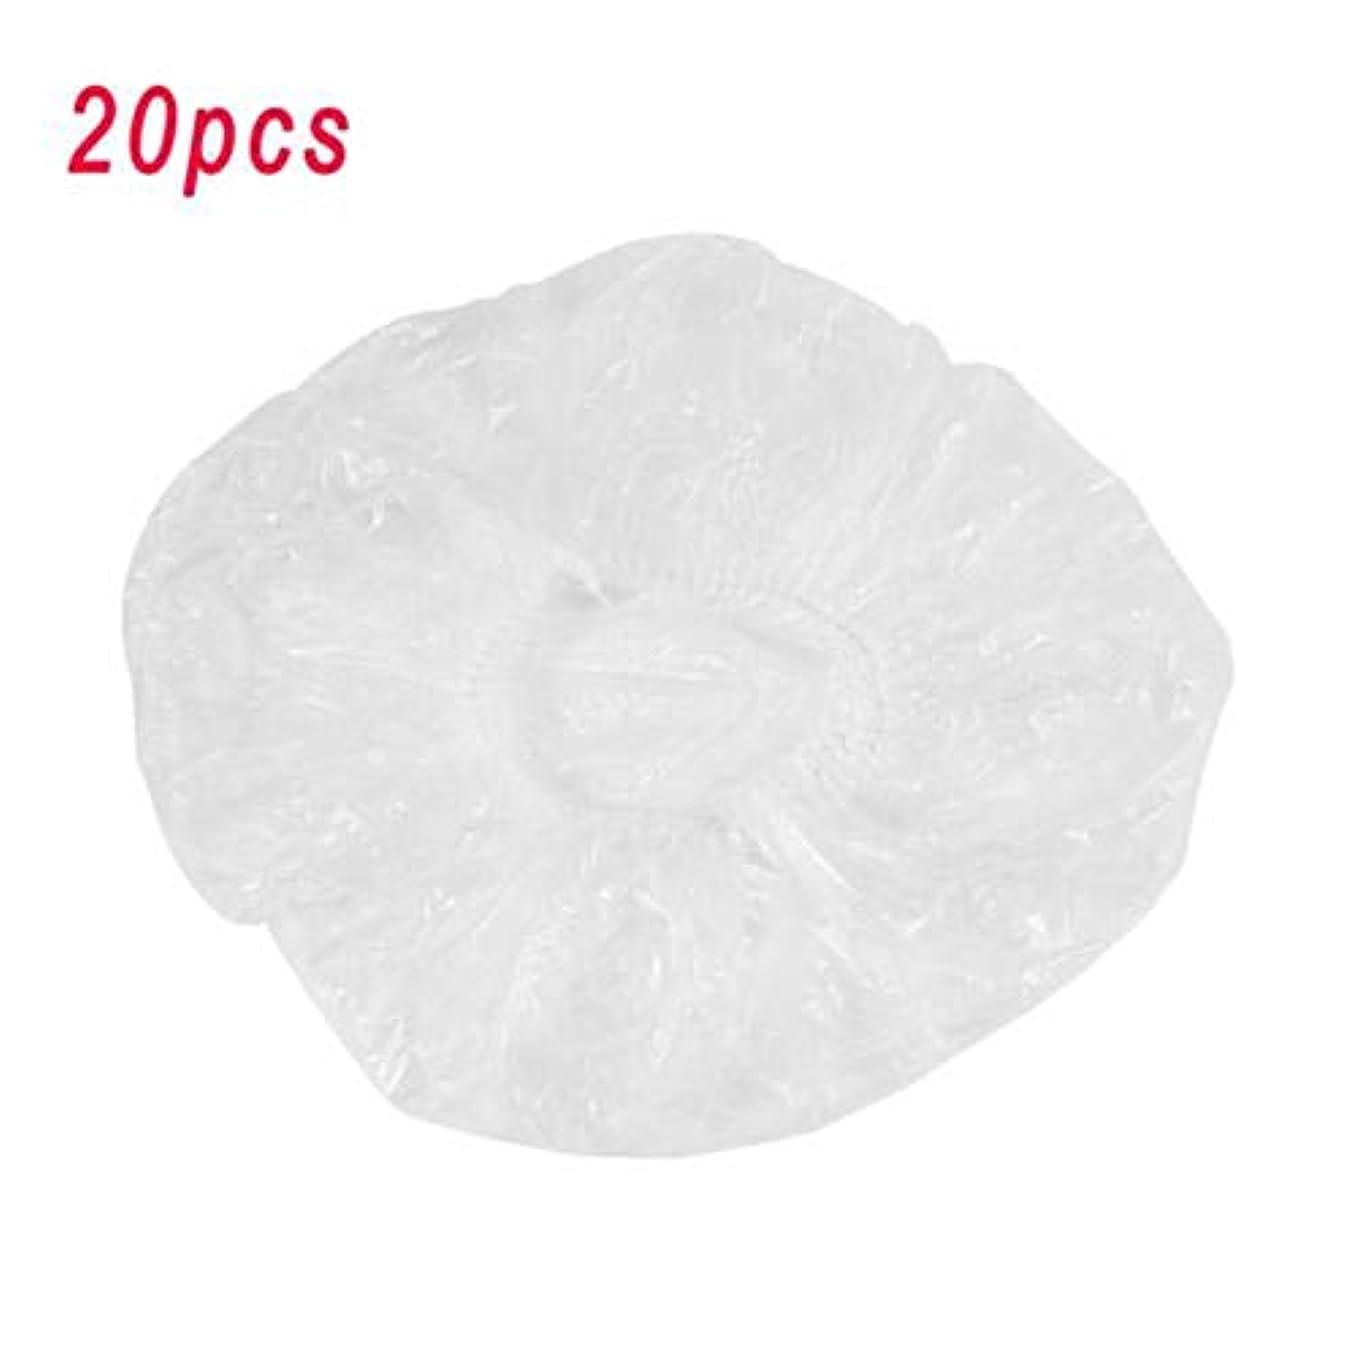 テナントポーチシネウィ使い捨てシャワーキャップ 20枚セット 化粧帽 髪を染める 透明 油煙を防ぐ 浴用帽子